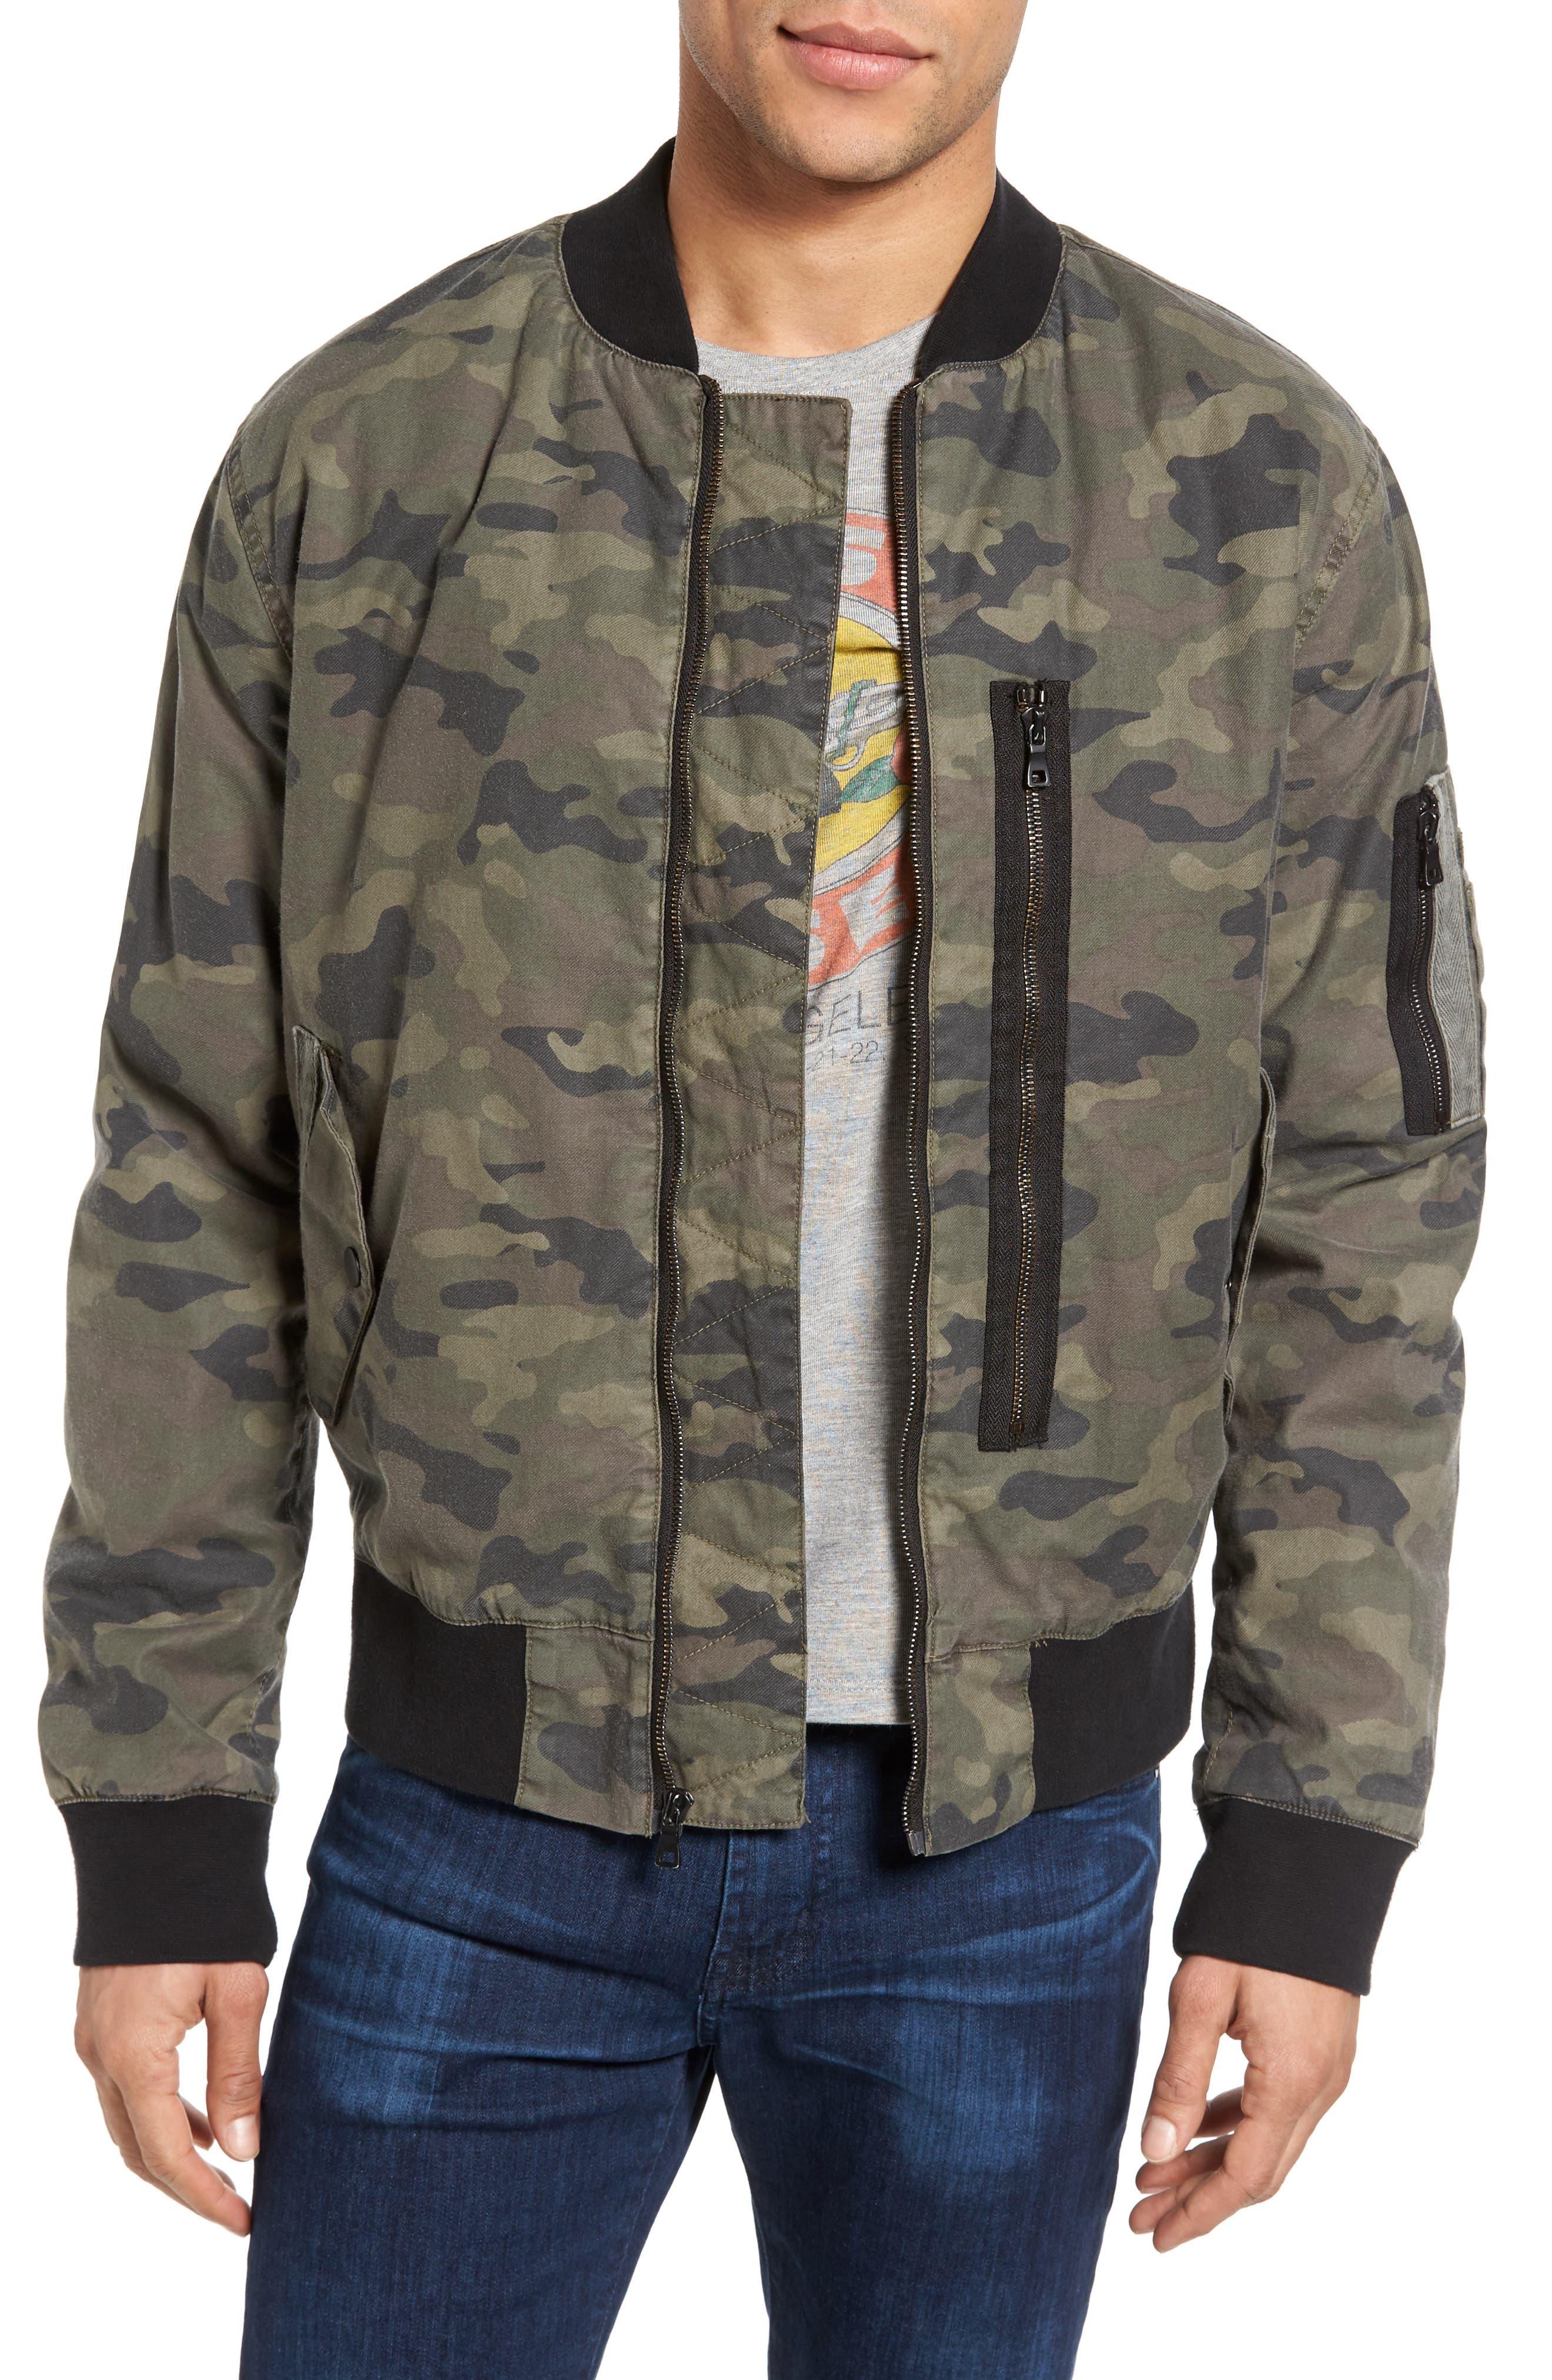 Knox Twill Bomber Jacket,                             Main thumbnail 1, color,                             Infantry Camo